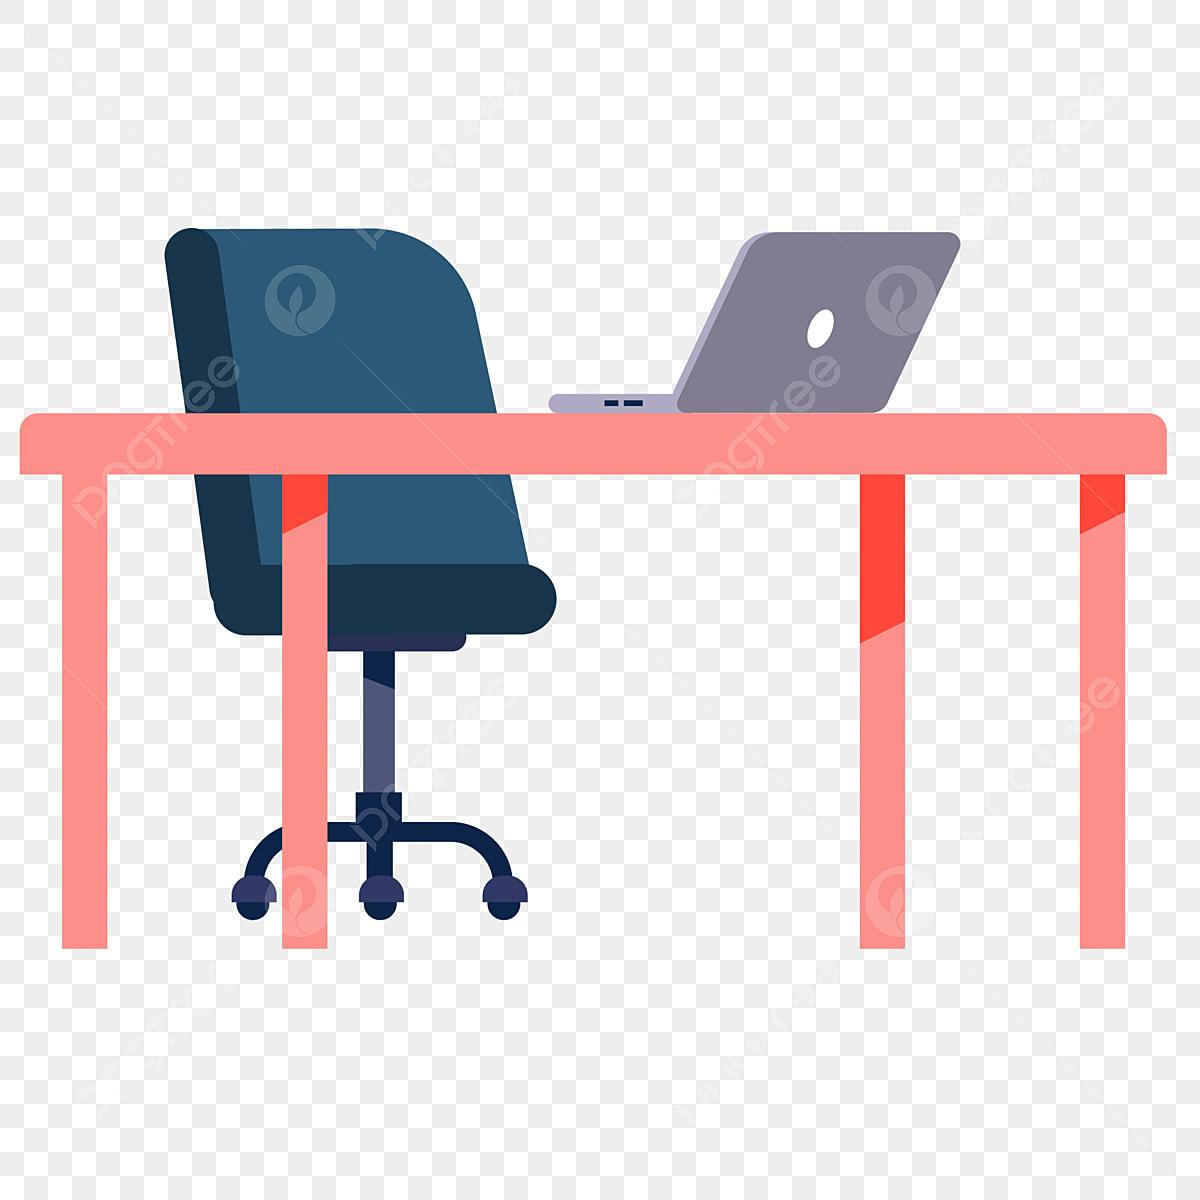 Gambar Meja Dan Kerusi Notebook Meja Pejabat Perniagaan Meja Dan Kerusi Buku Nota Meja Png Dan Psd Untuk Muat Turun Percuma